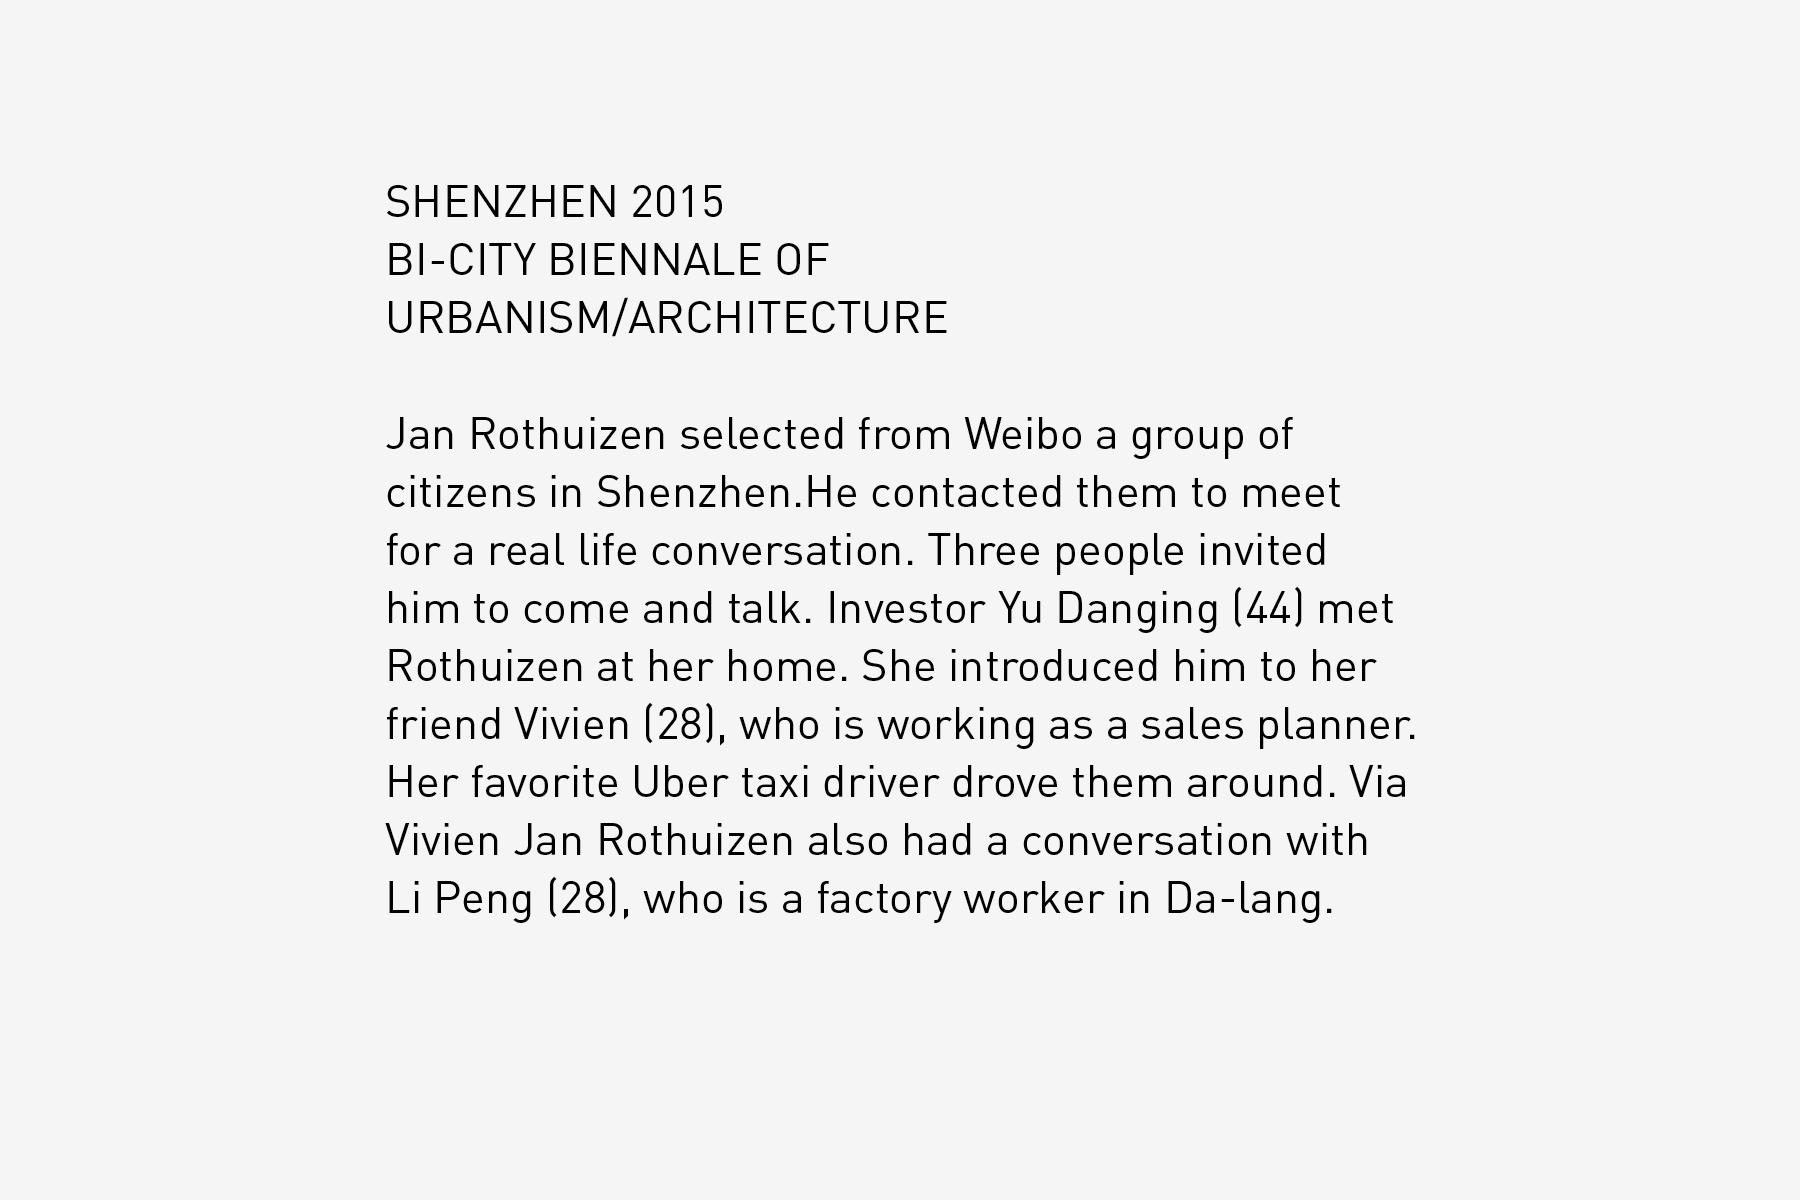 JAN ROTHUIZEN-Shenzhen